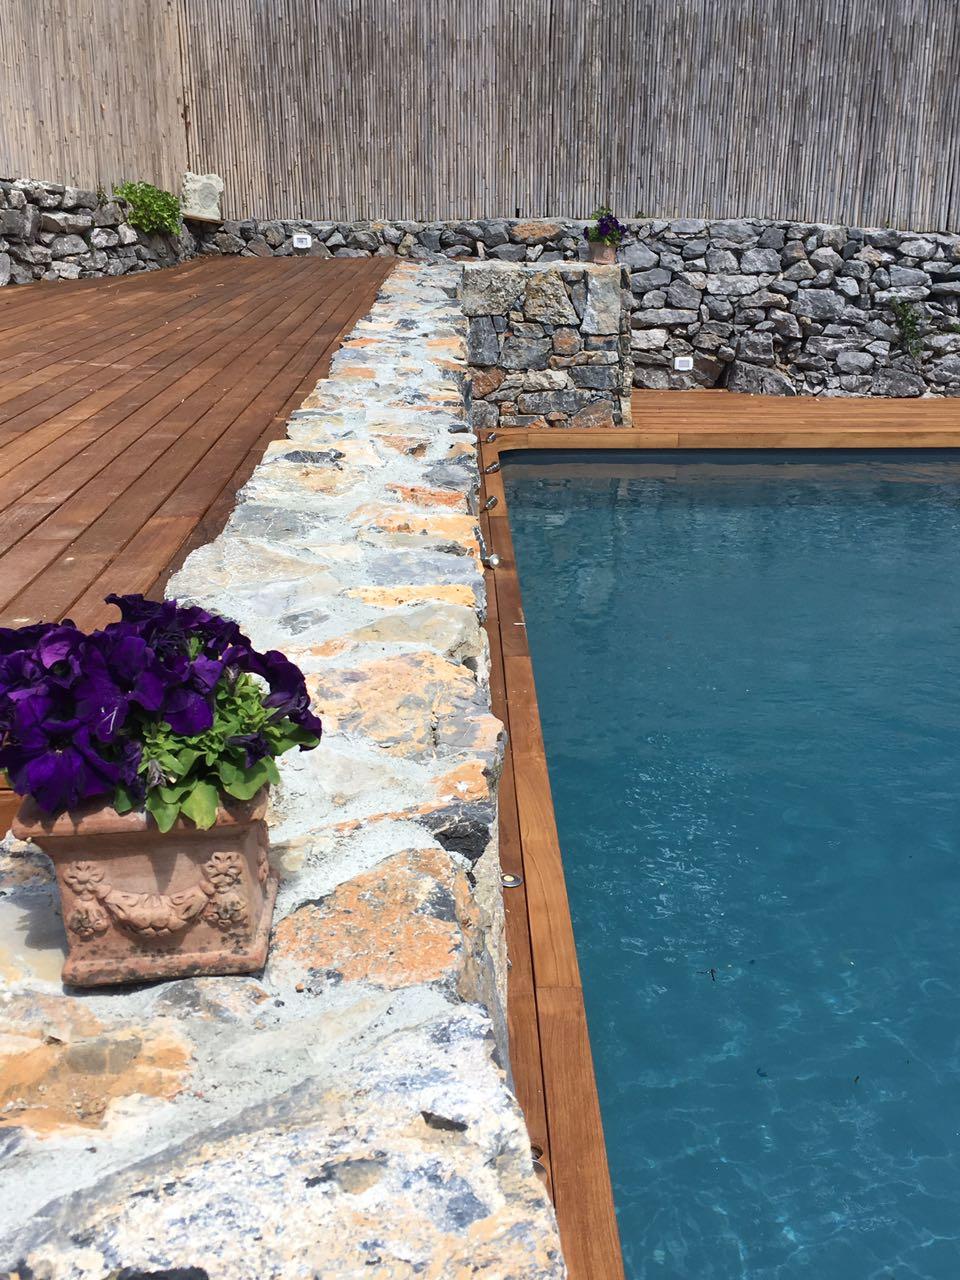 9. Realizzazione piscina interrata scoperta, scorcio piscina con muratura in pietra naturale posata rustica: lavori ultimati.